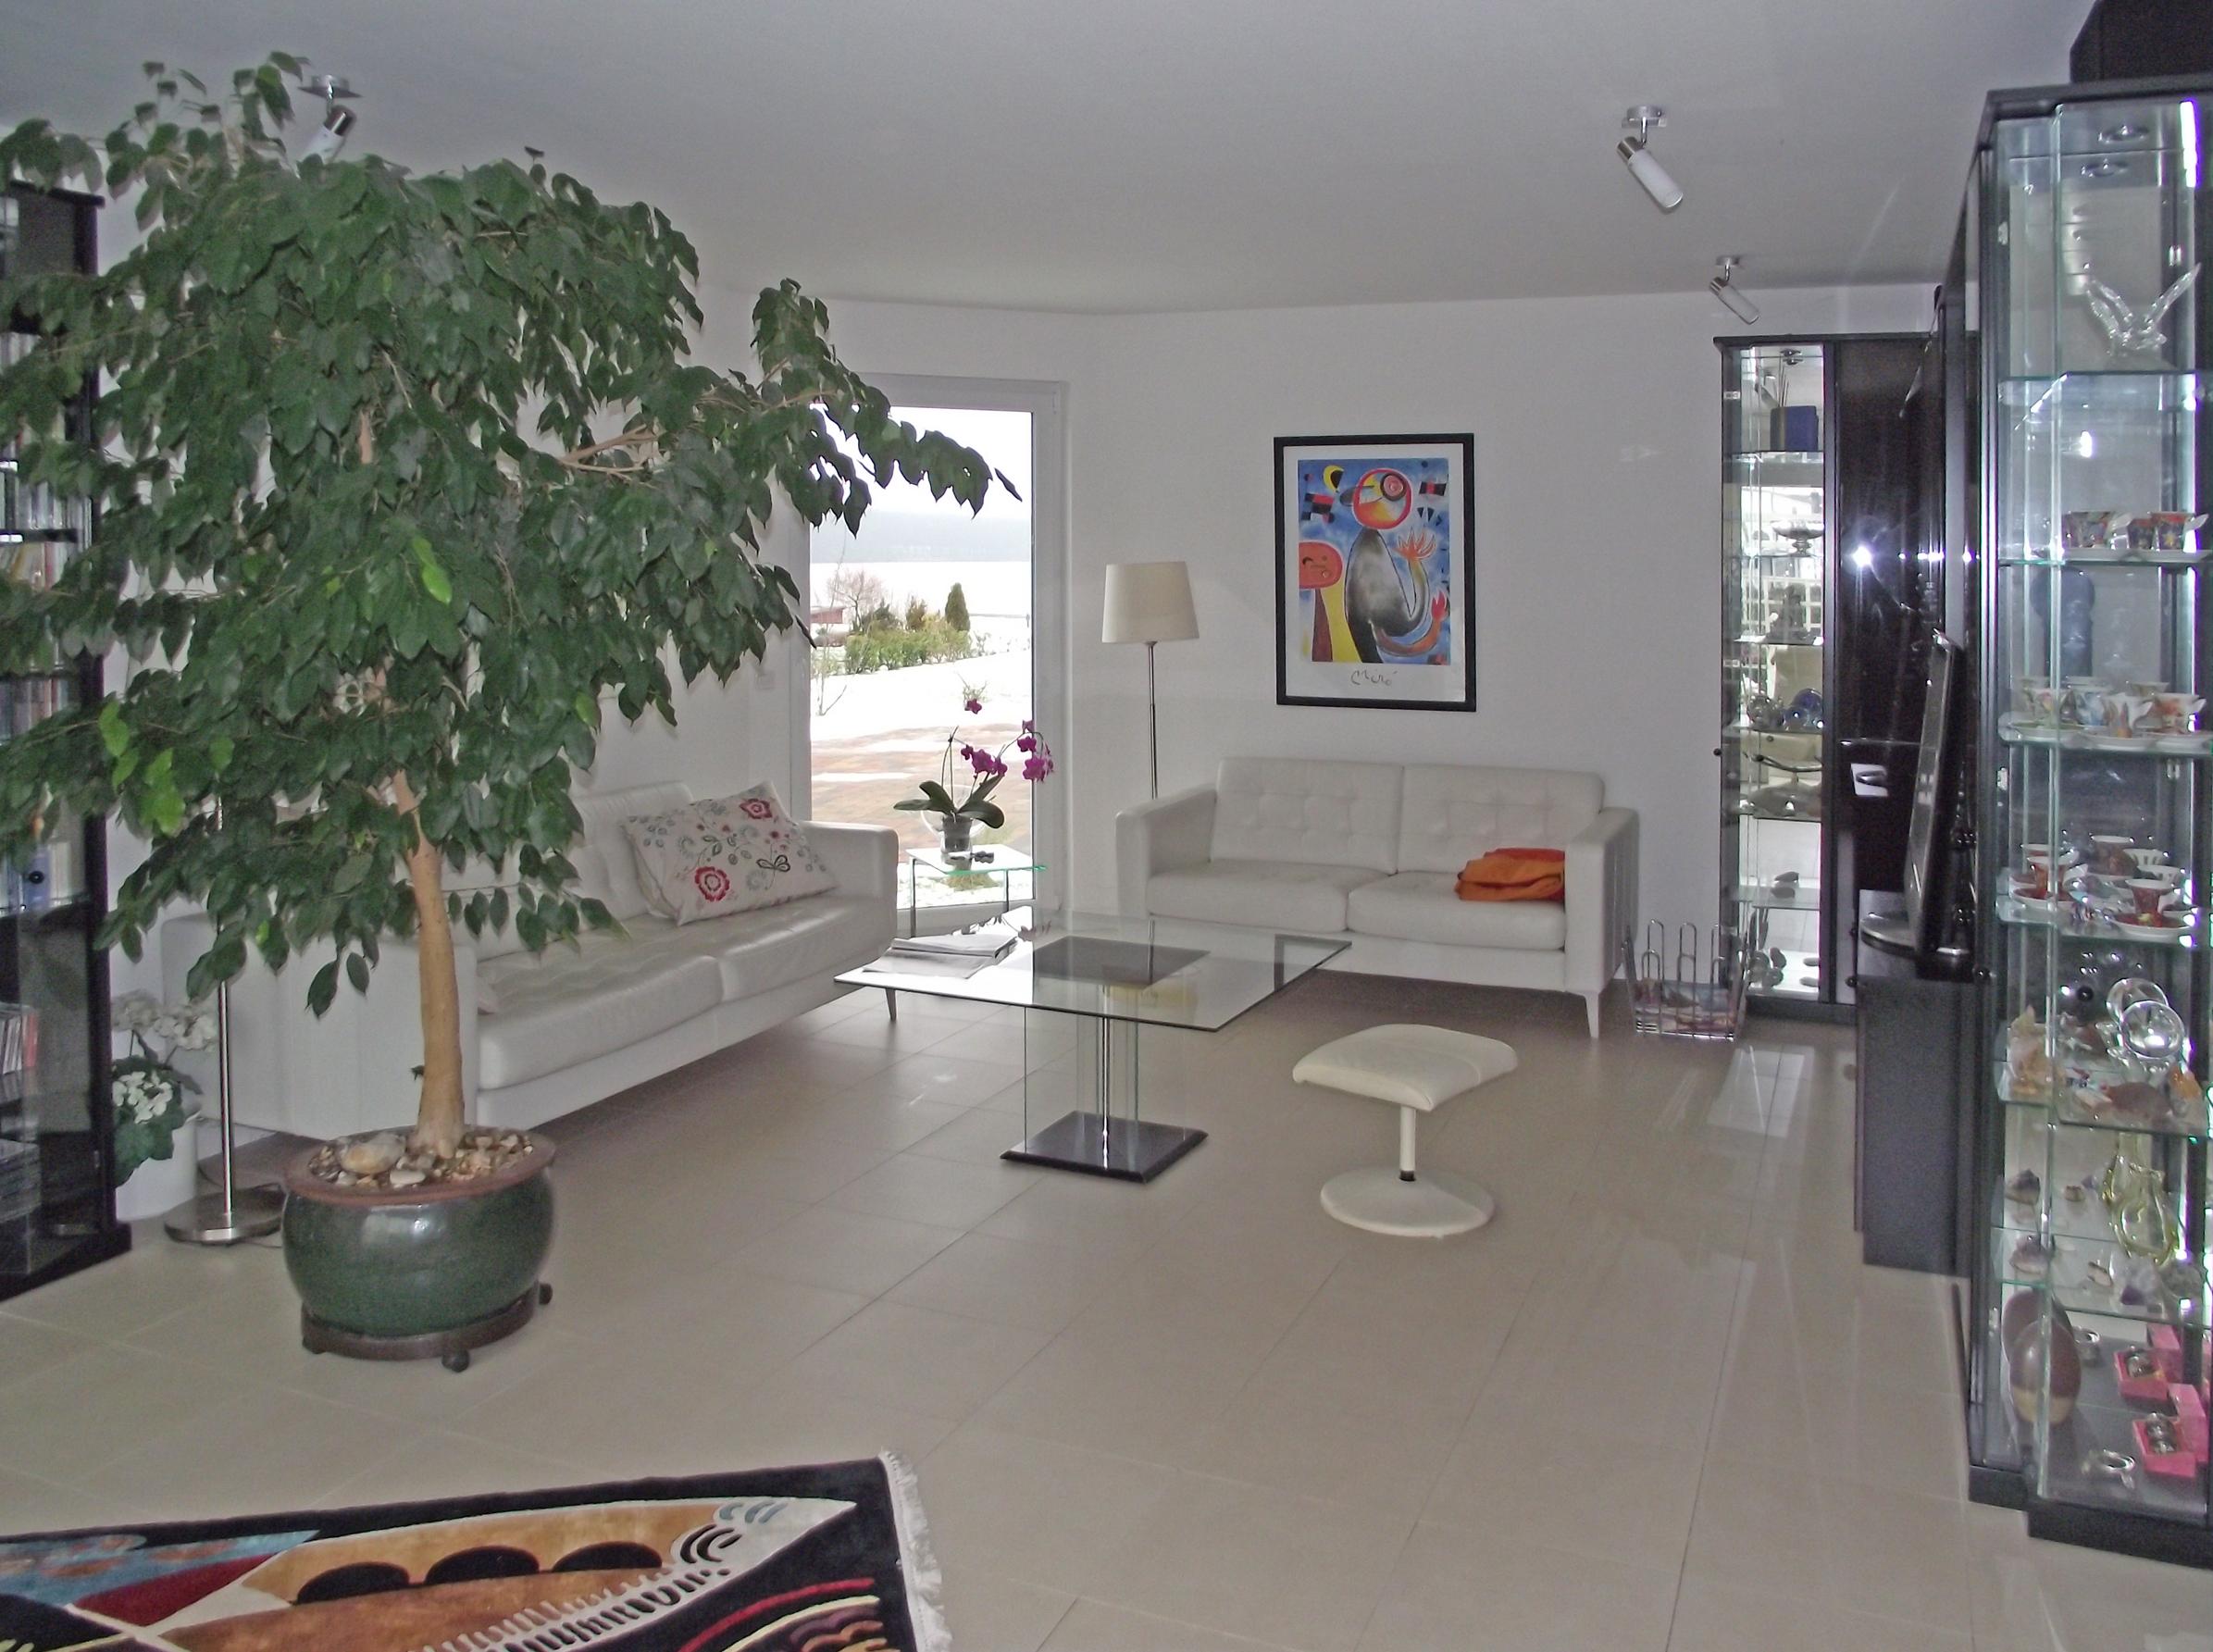 massiv mein haus aus mauerwerk. Black Bedroom Furniture Sets. Home Design Ideas